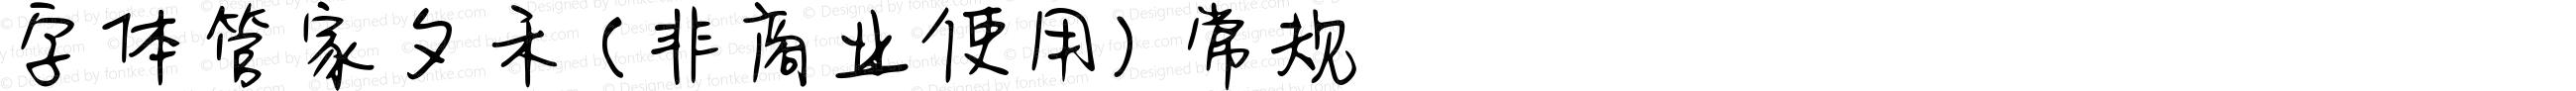 字体管家夕禾 (非商业使用)